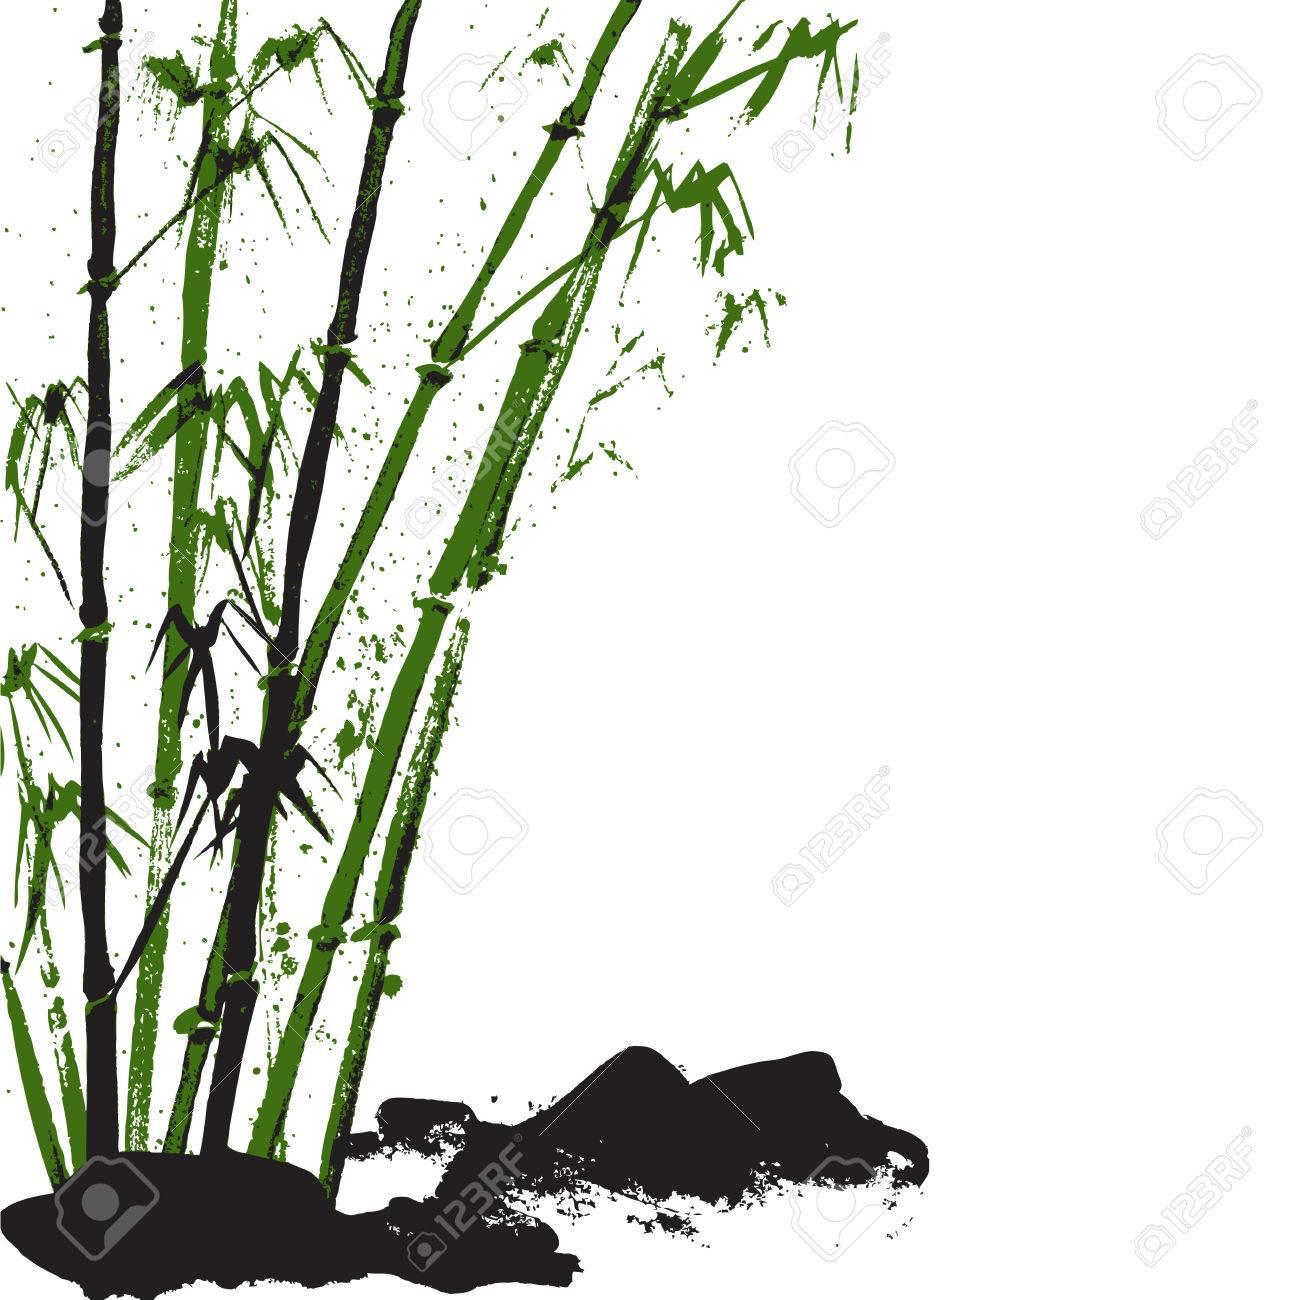 Aquarell Hintergrund Mit Bambus Und Steinen Weisser Hintergrund